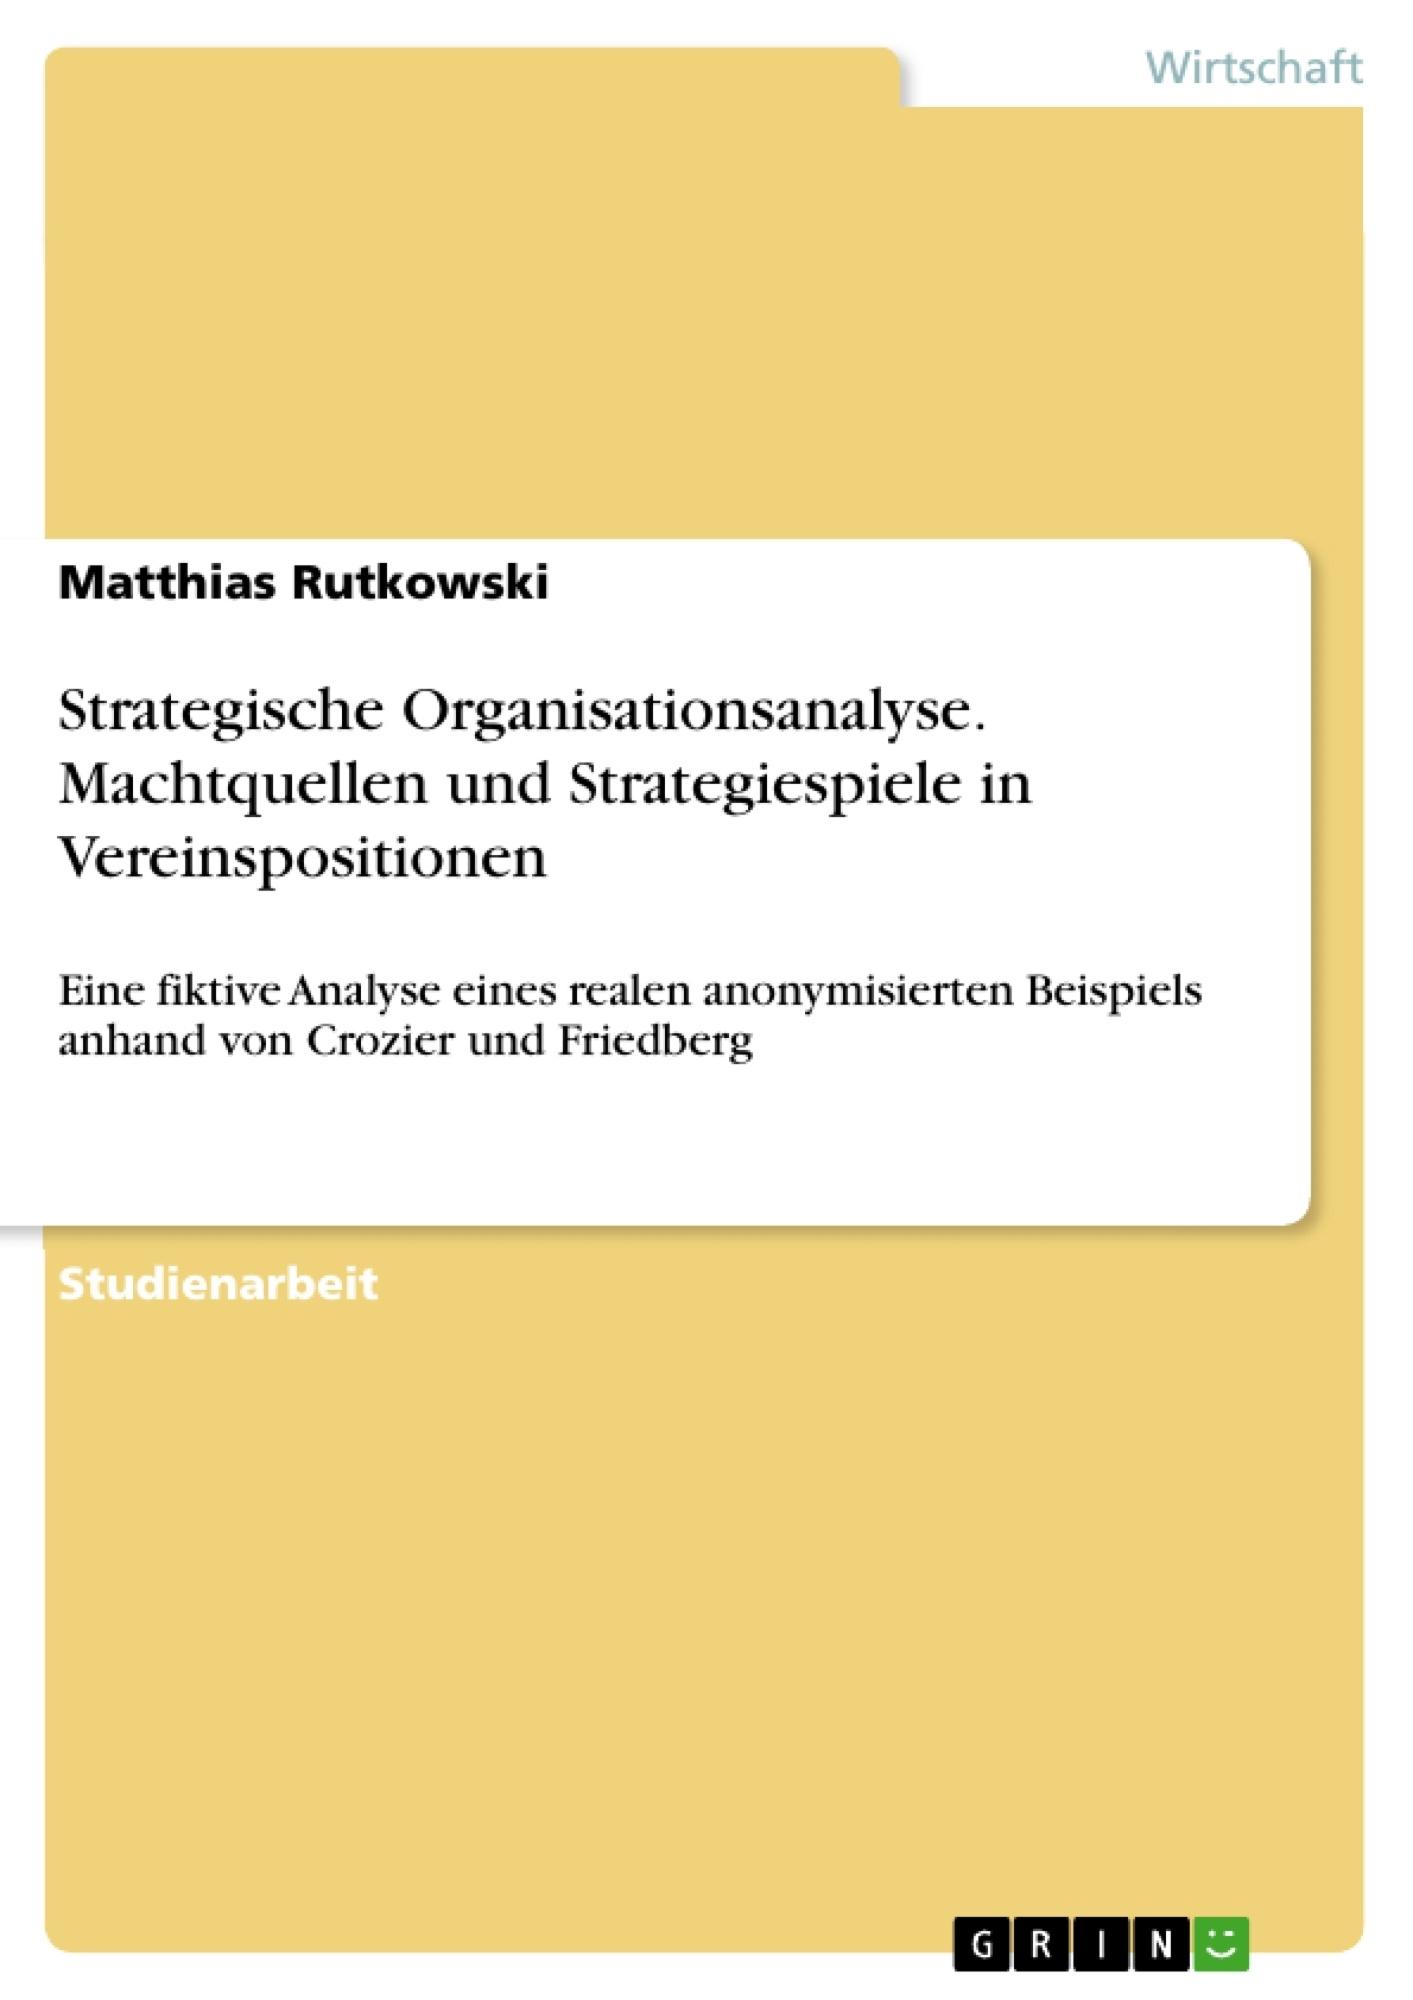 Titel: Strategische Organisationsanalyse. Machtquellen und Strategiespiele in Vereinspositionen